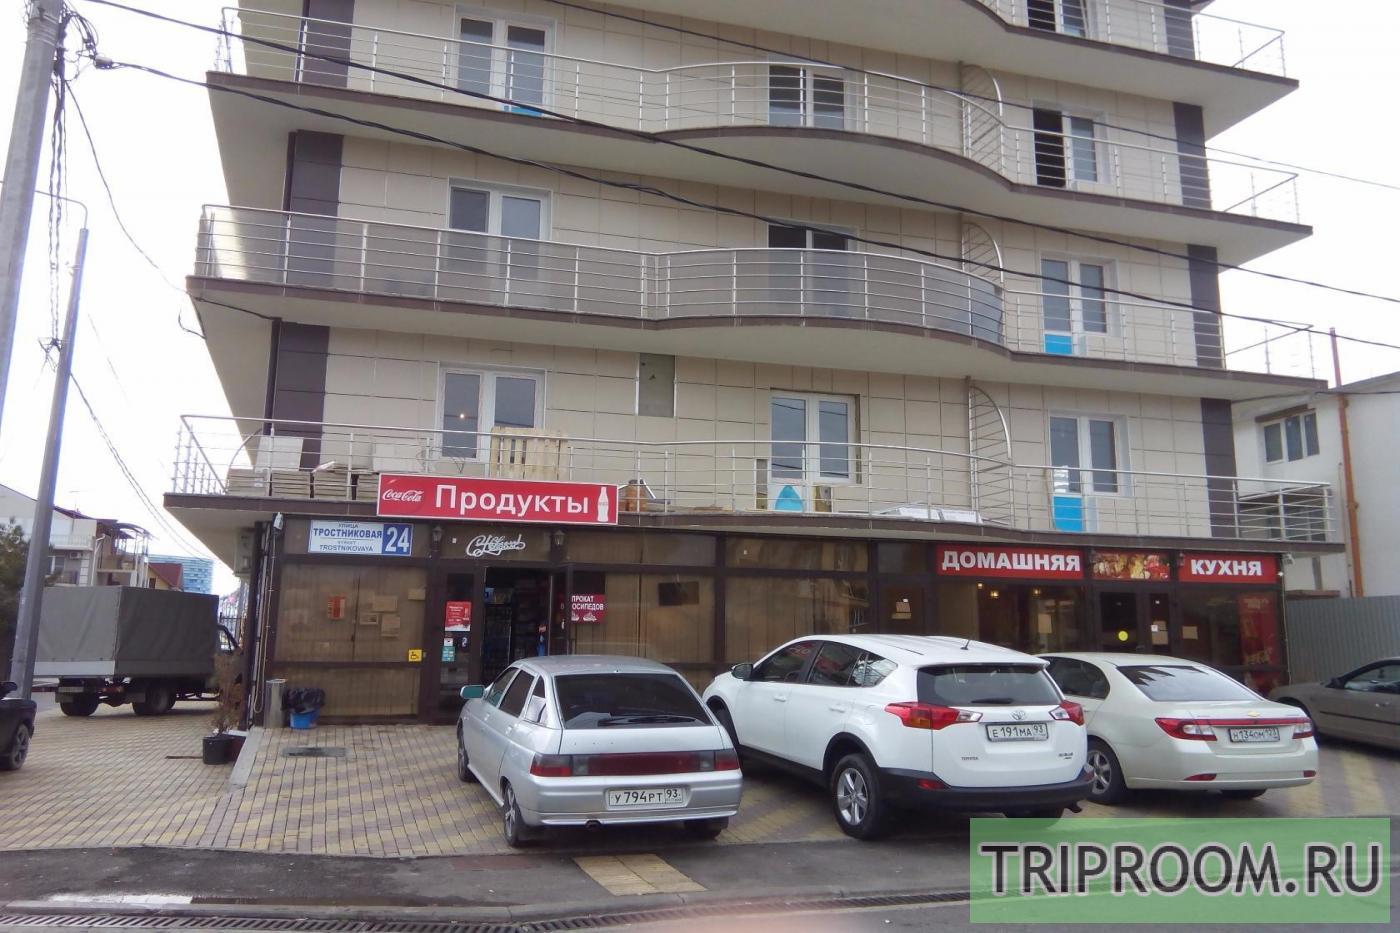 1-комнатная квартира посуточно (вариант № 28275), ул. Тростниковая улица, фото № 22